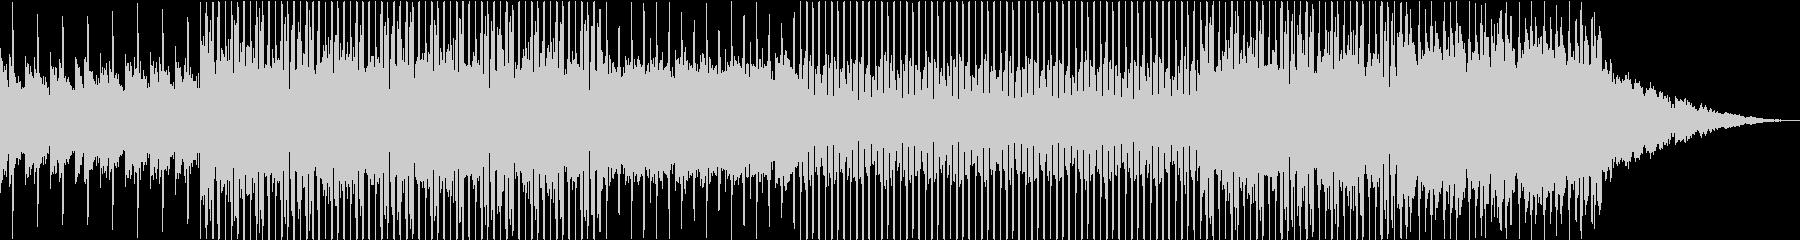 おしゃれでギターの旋律が印象的なハウスの未再生の波形